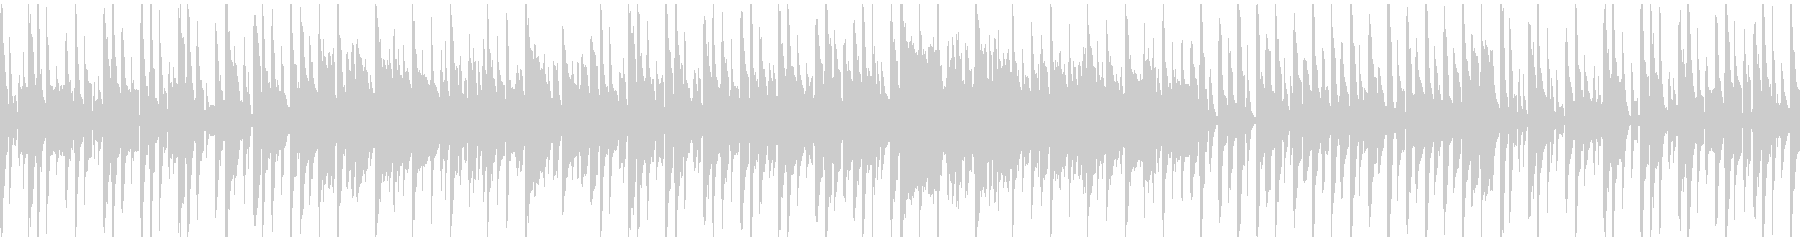 ゆるいぐうたら系リコーダー ※ループ版の未再生の波形